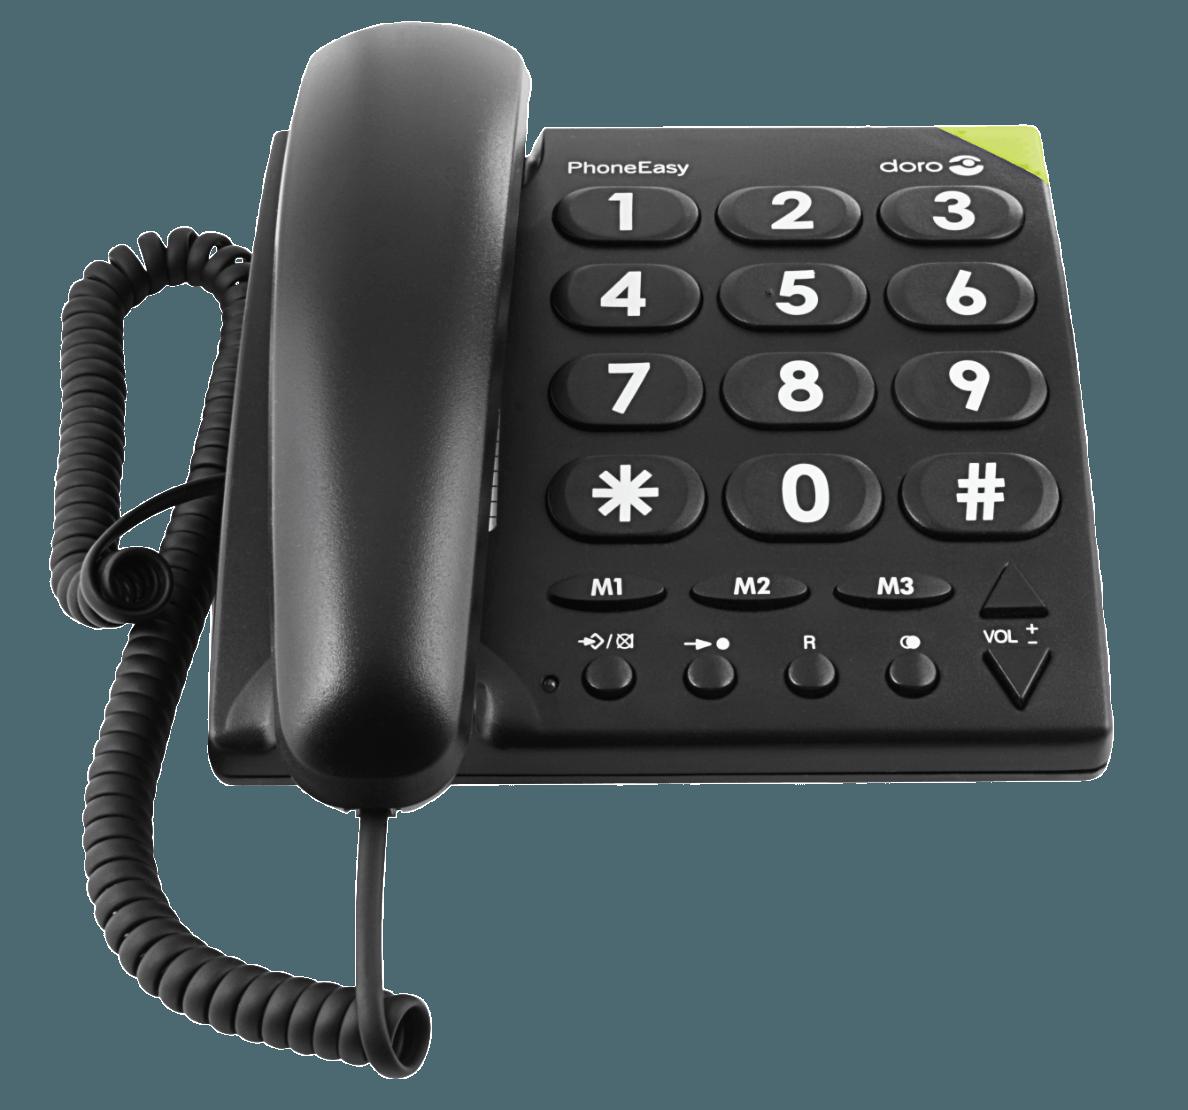 Doro Phoneeasy 311c Seniorentelefon Schwarz 07322460057459 Schnurgebundenes Telefon Mit Grossen Tast Mit Bildern Schnurlostelefon Schnurloses Telefon Telefon